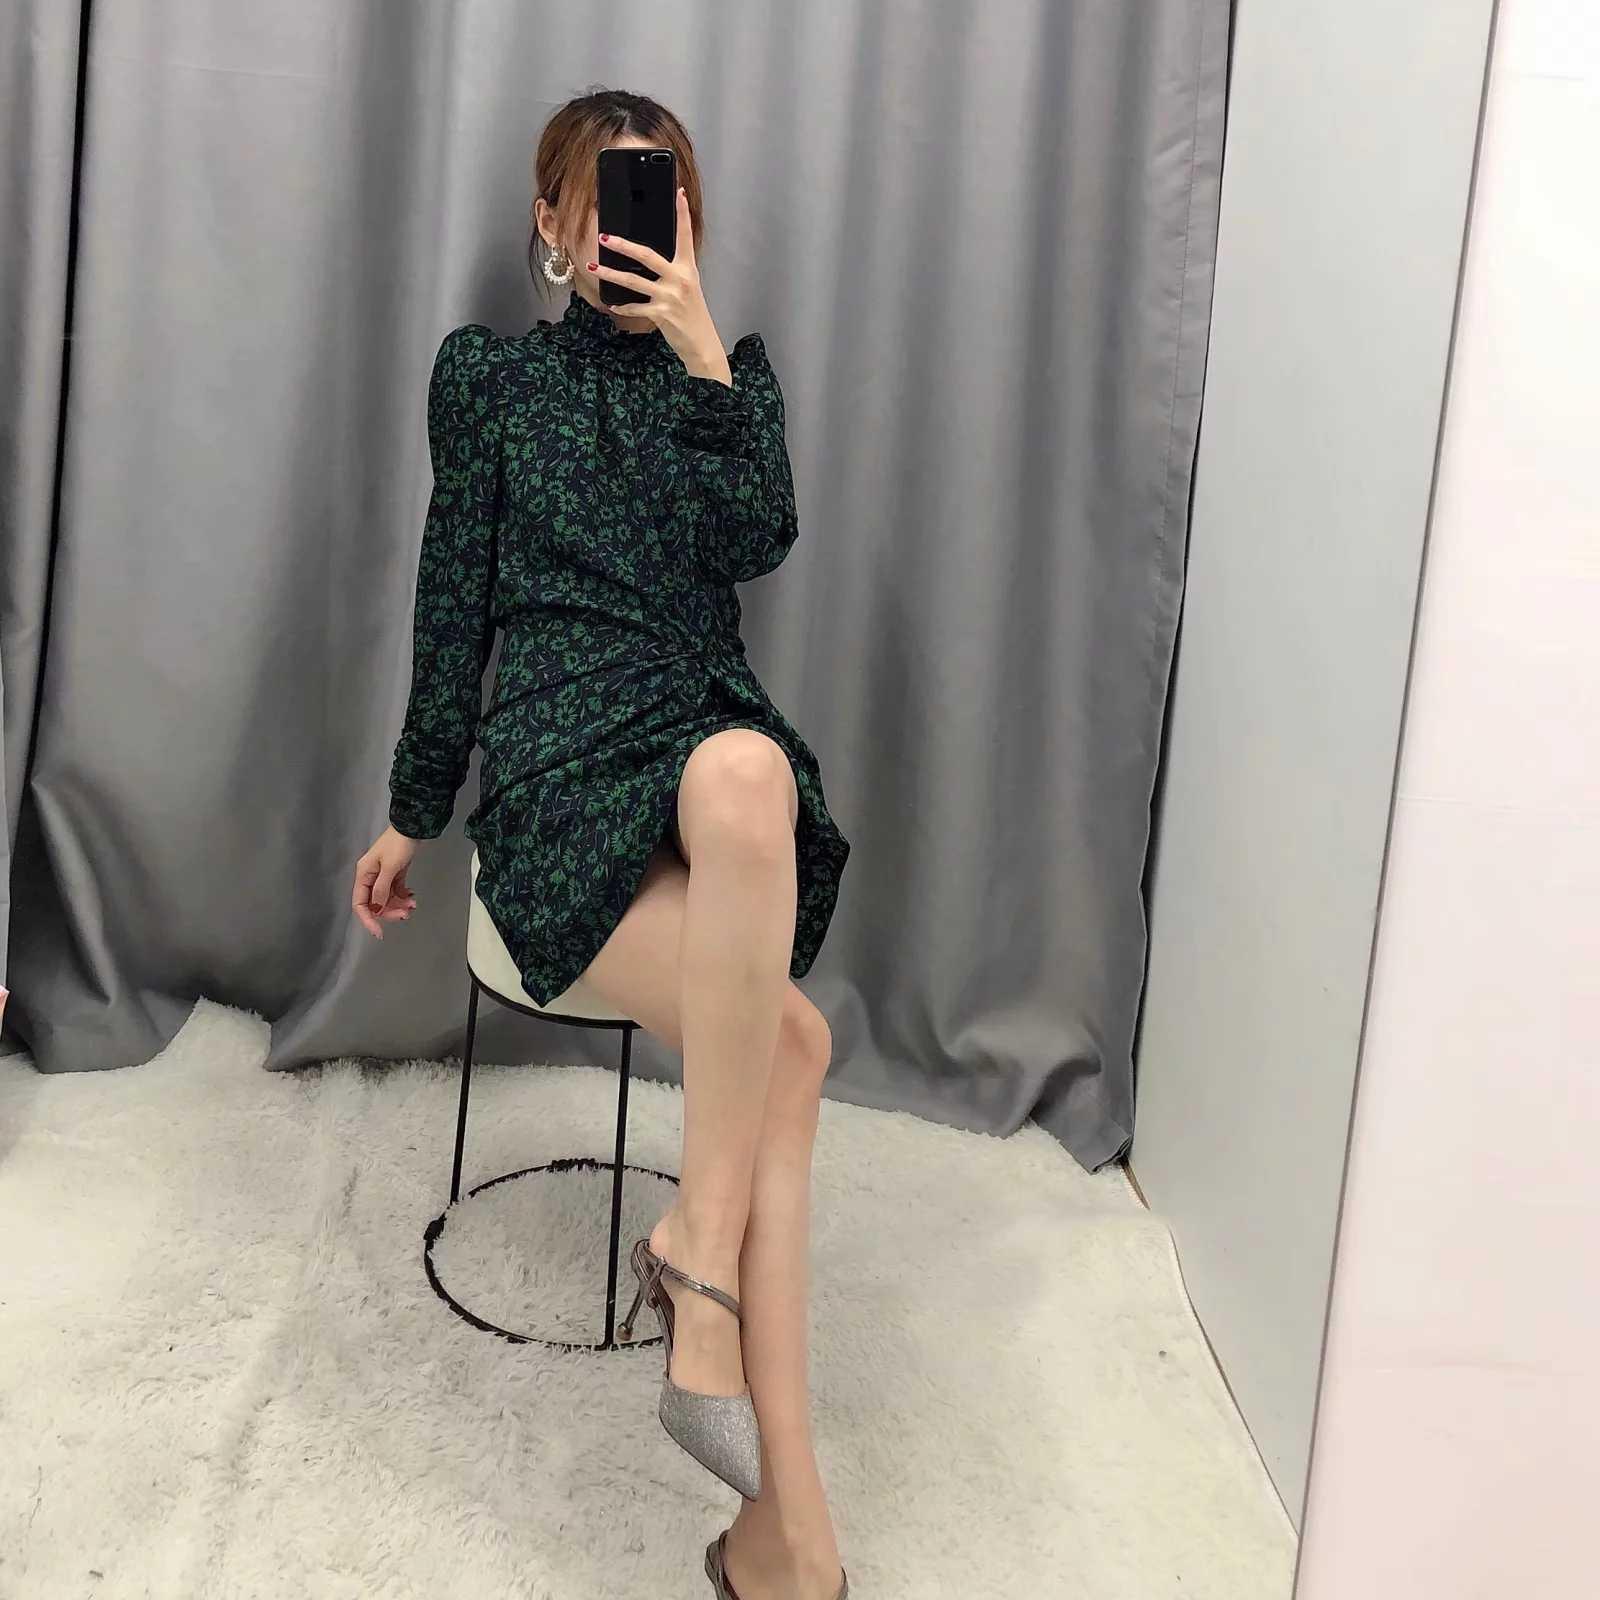 Za 女性ドレス 2020 グリーン花柄パフスリーブフリルタートルネックプリーツシックなレディーススリムでエレガントな女性ドレス